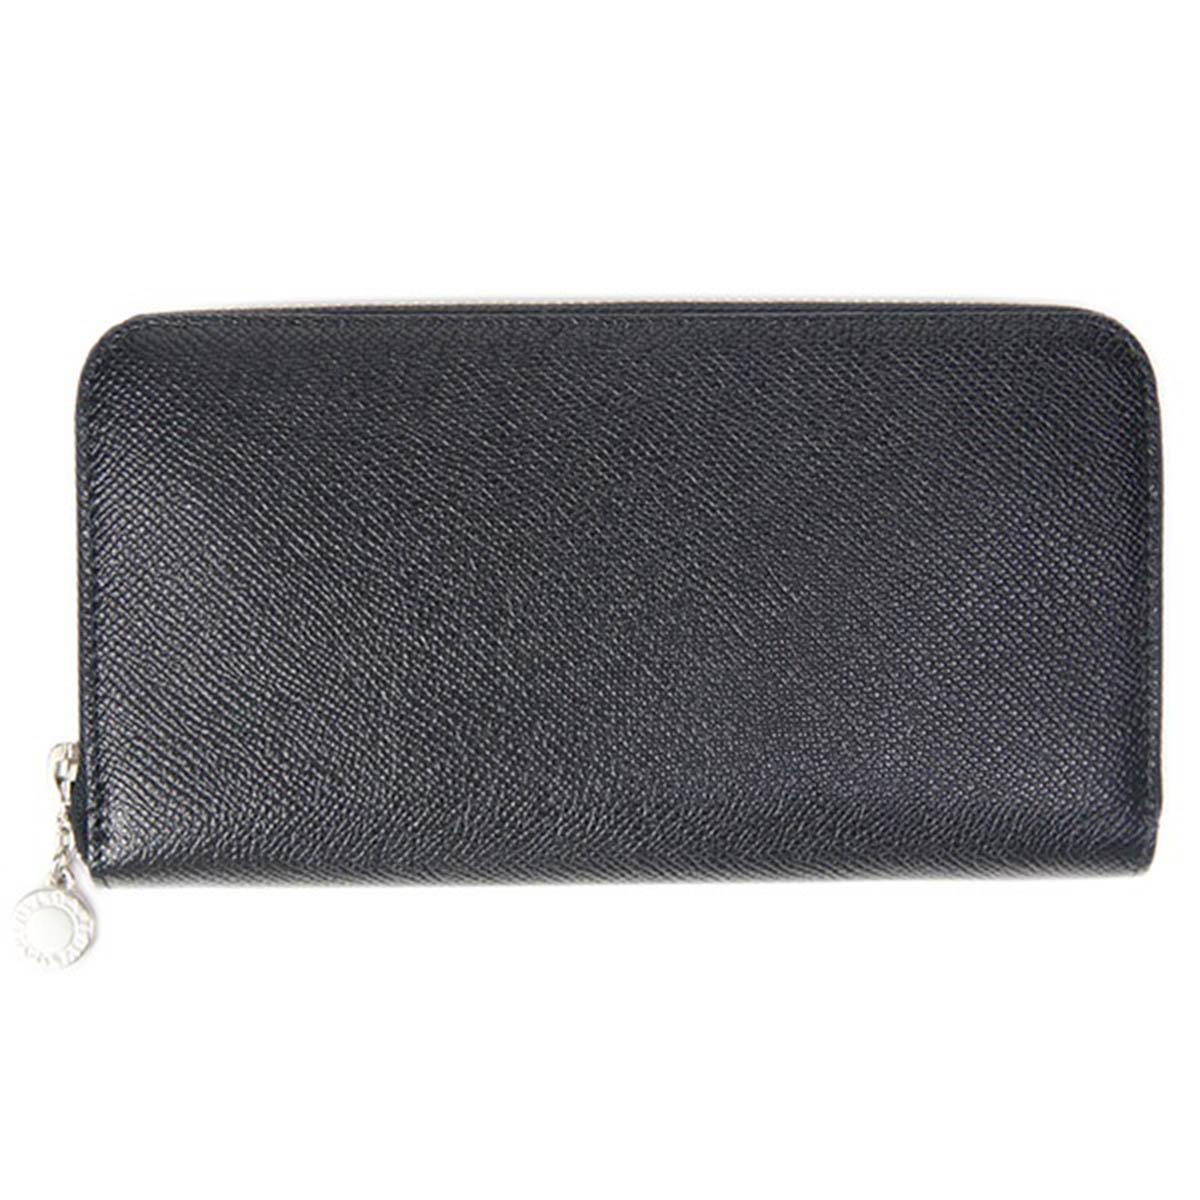 ブルガリ BVLGARI 財布 長財布 メンズ ラウンドファスナー CLASSICO クラシコ ブラック 20886